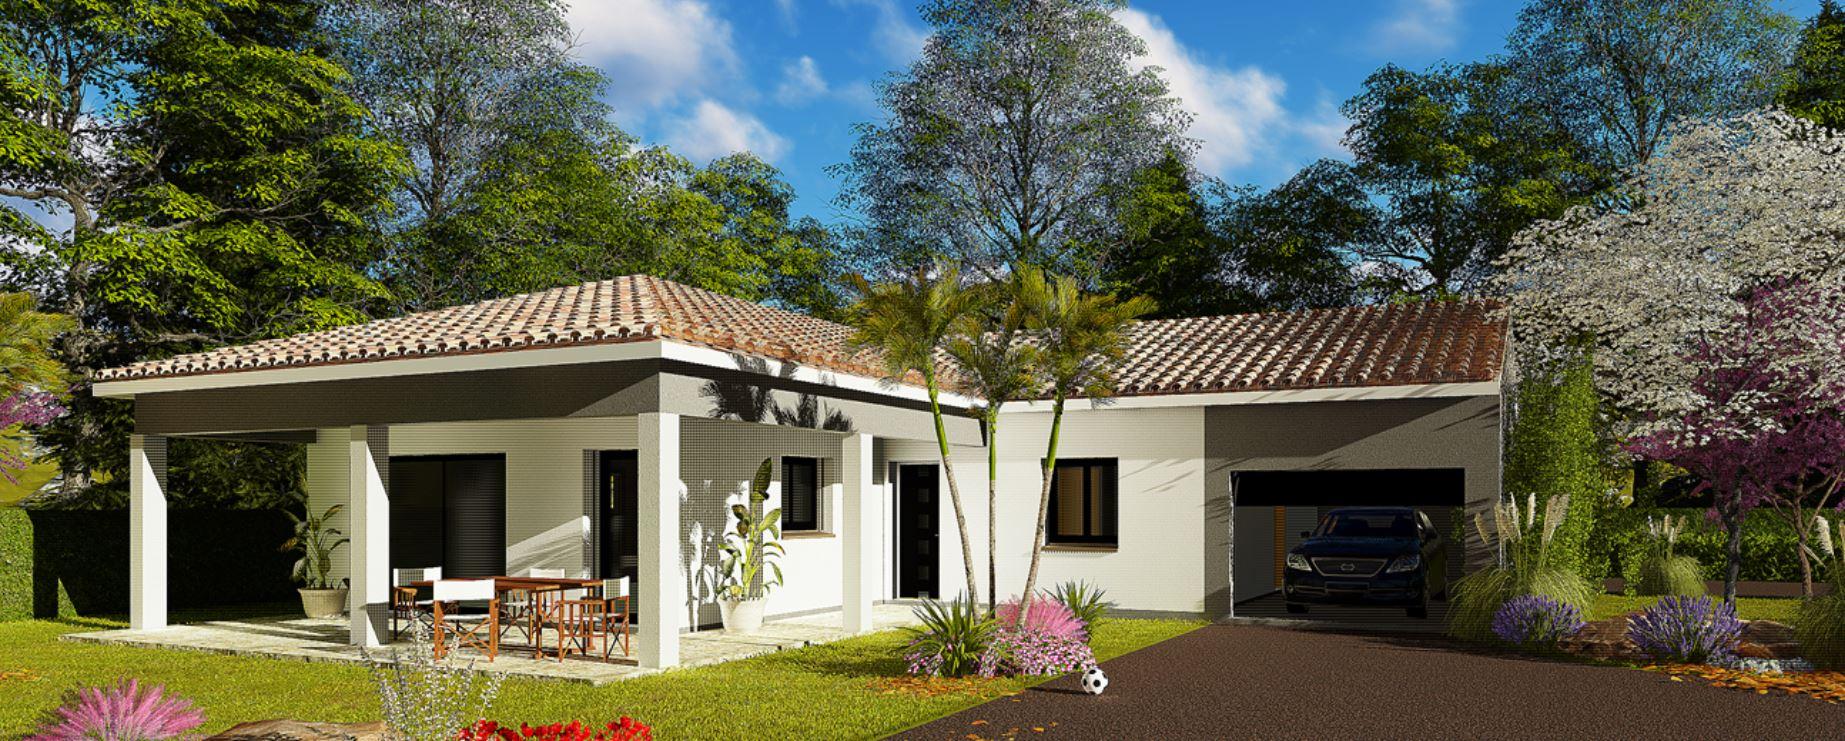 Maisons + Terrains du constructeur HABITAT SUD EST • 110 m² • COUX